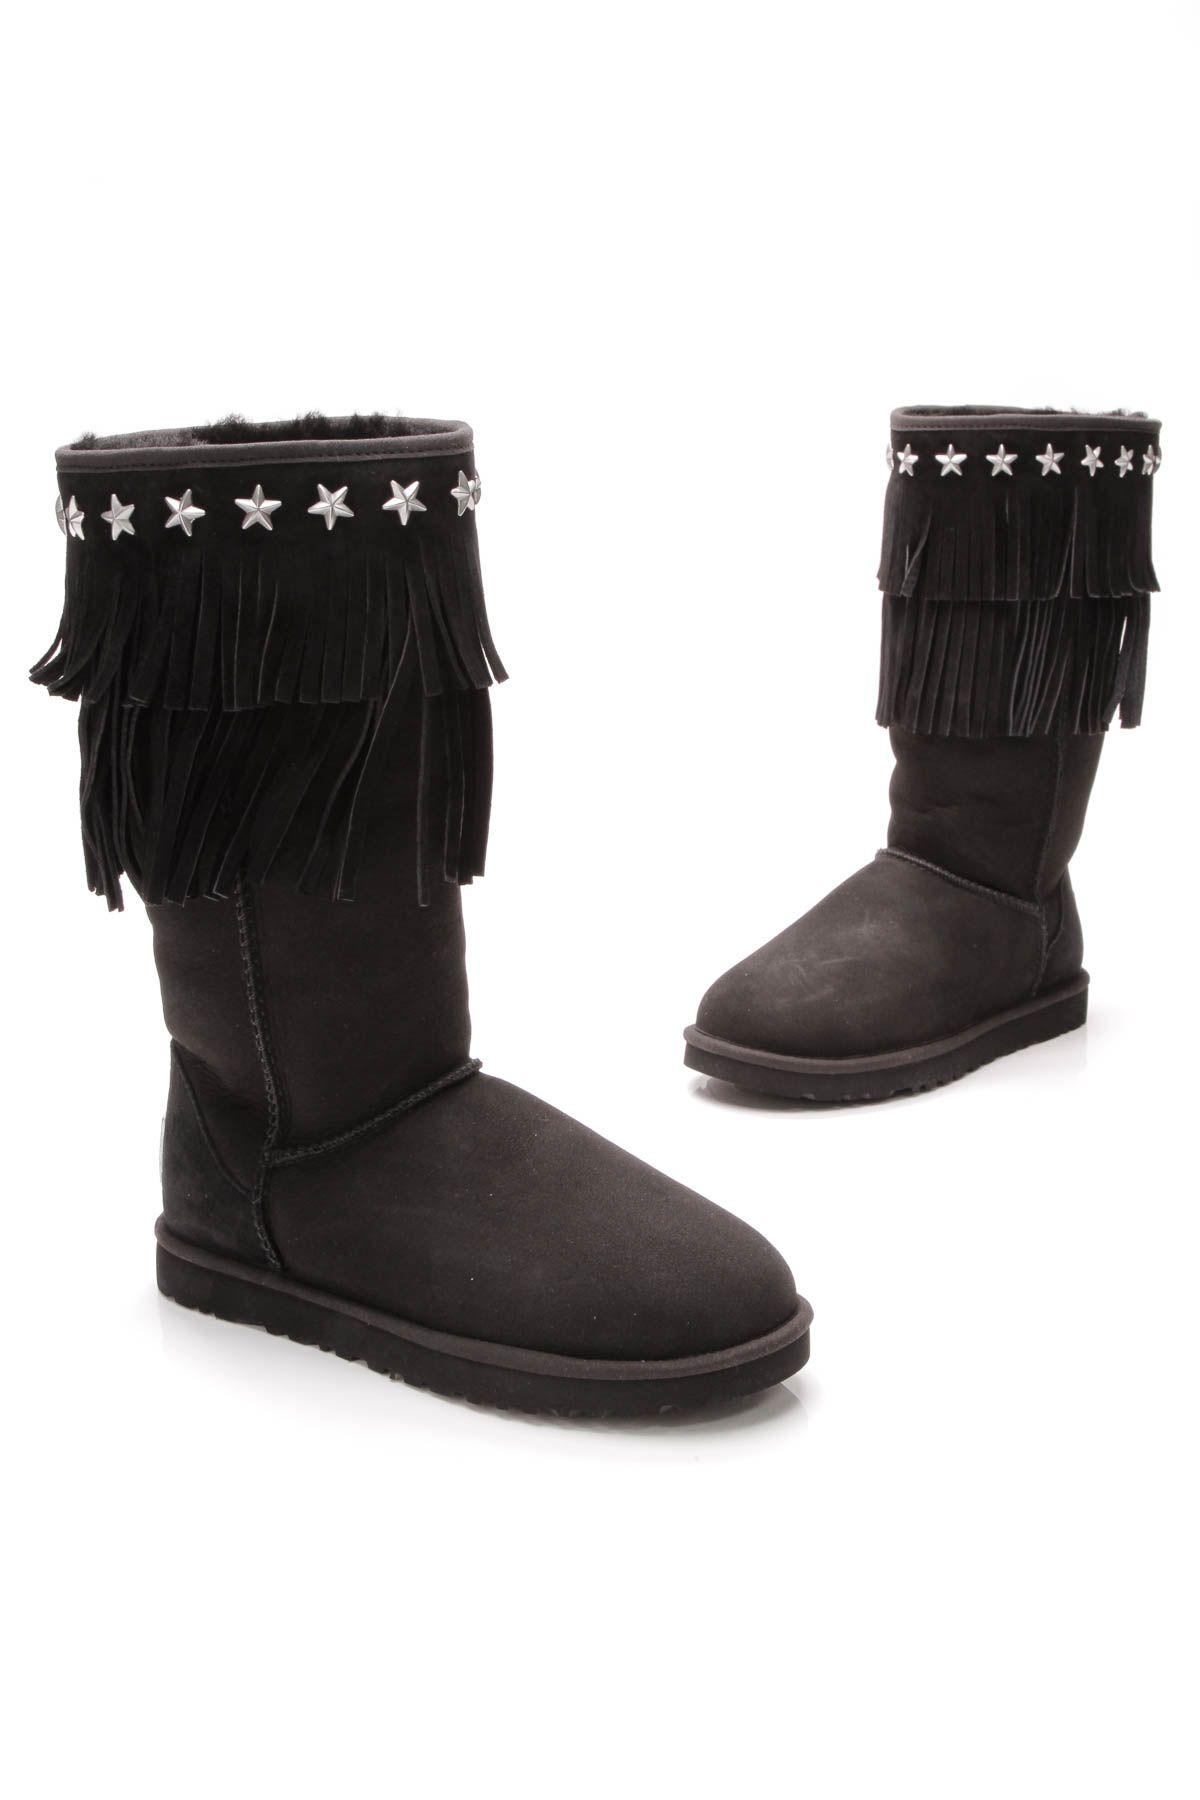 a0eaff8fb22 Ugg Sora Boots - Black Sheepskin Suede Size 8